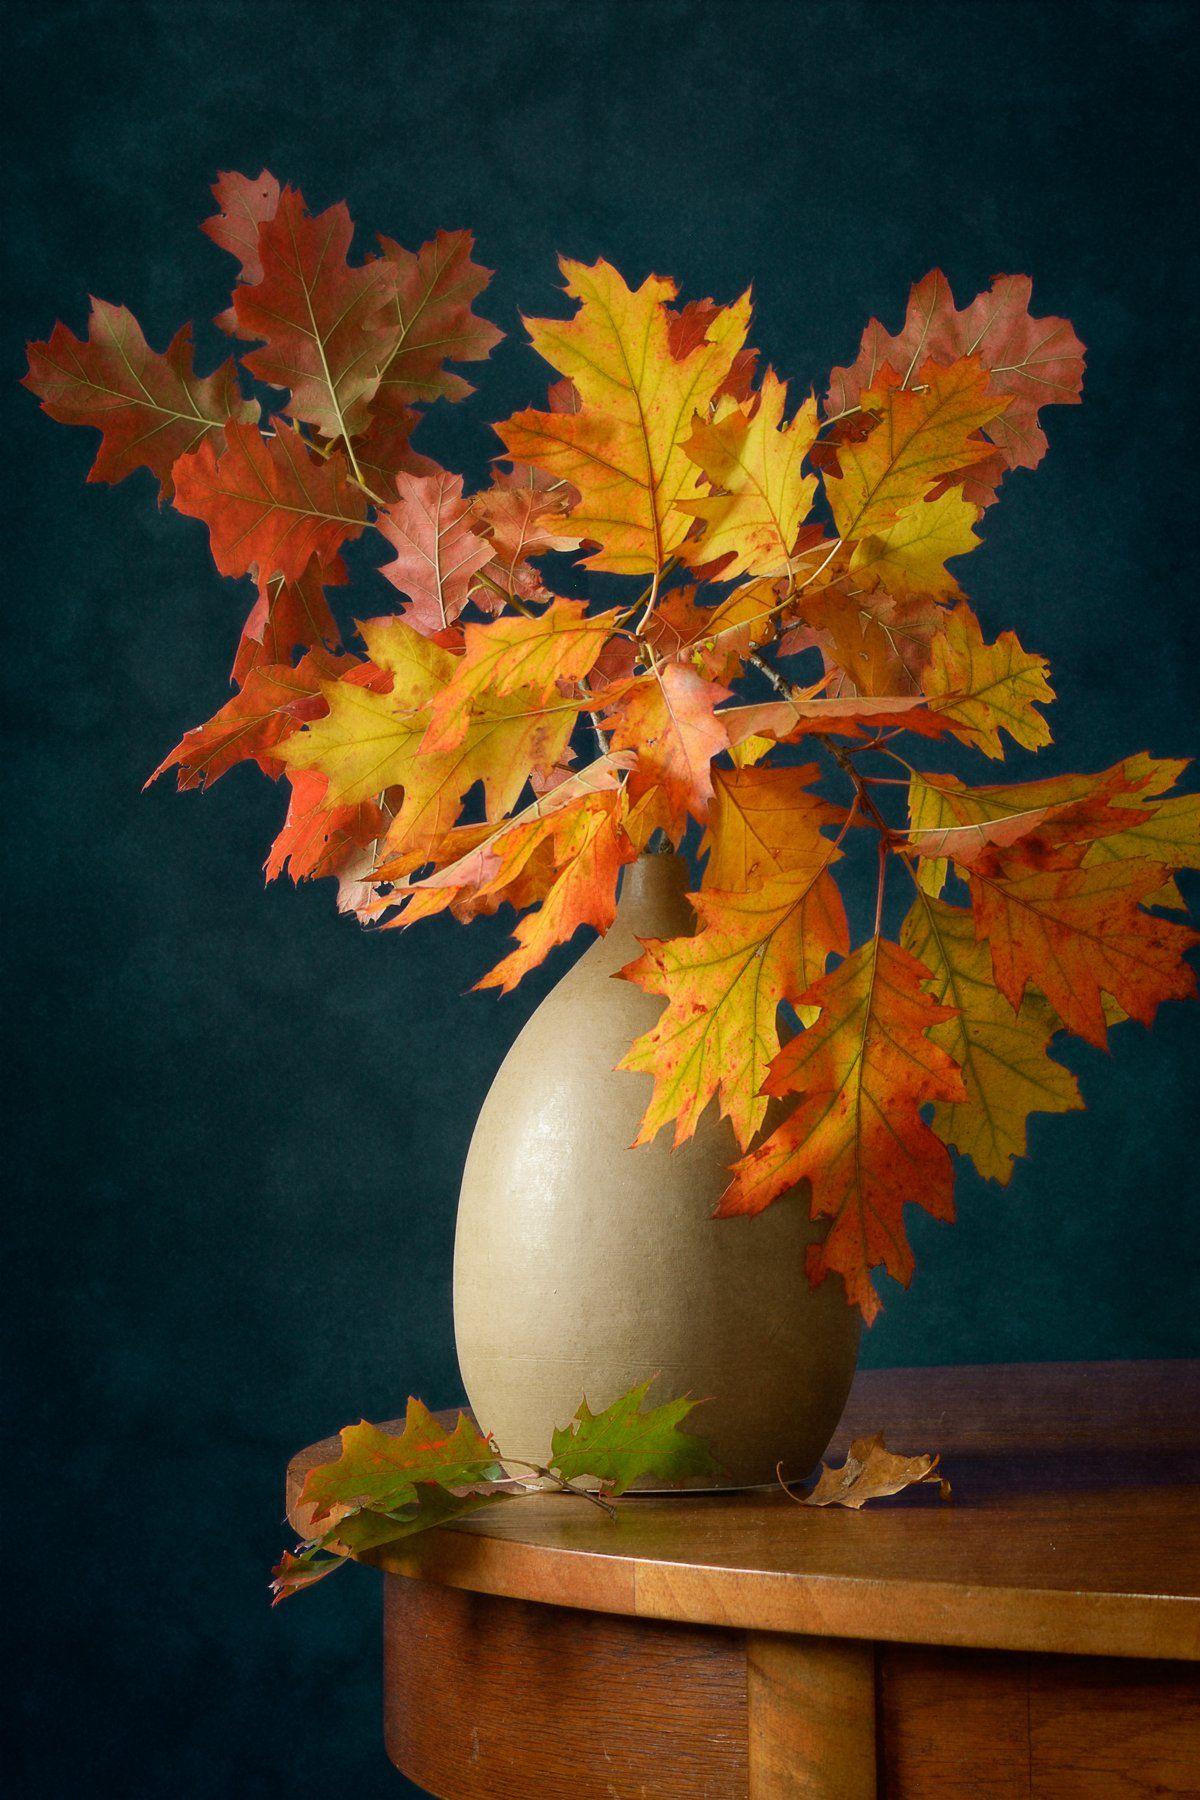 Натюрморт, букет, ярко-желтый, красный, осенний, листья, коричневый, ваза, интерьер, Николай Панов